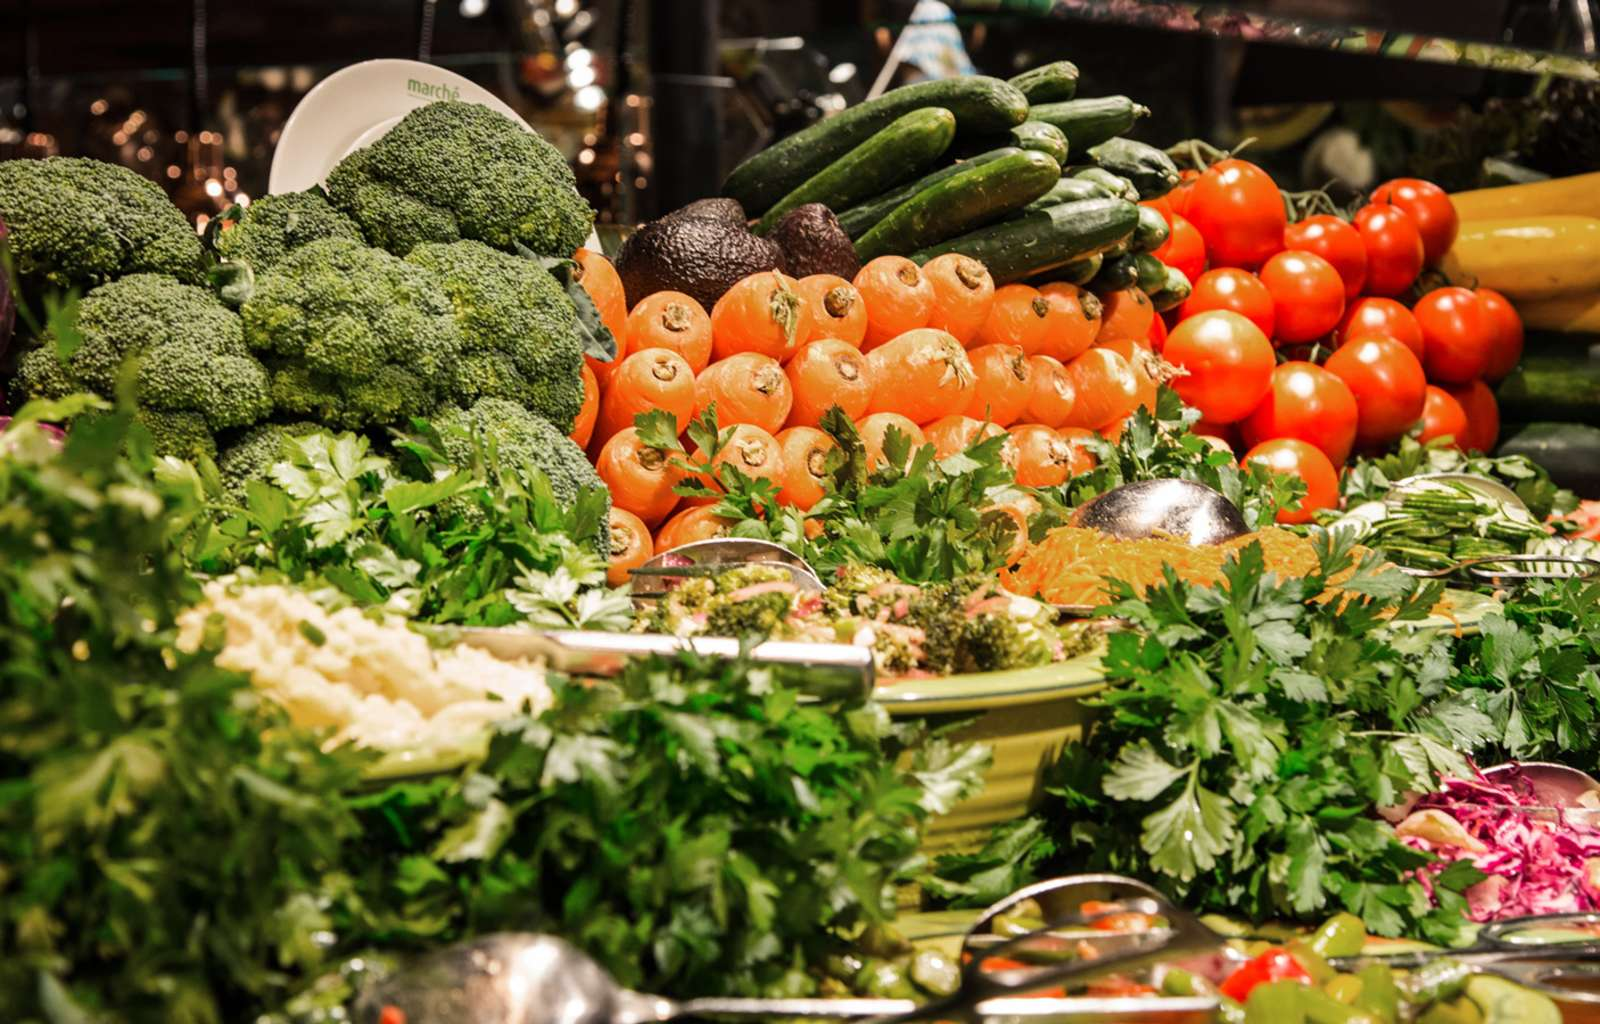 Farbenfrohe und üppige Gemüse-Dekoration bei Marché - wie auf einem Marktplatz